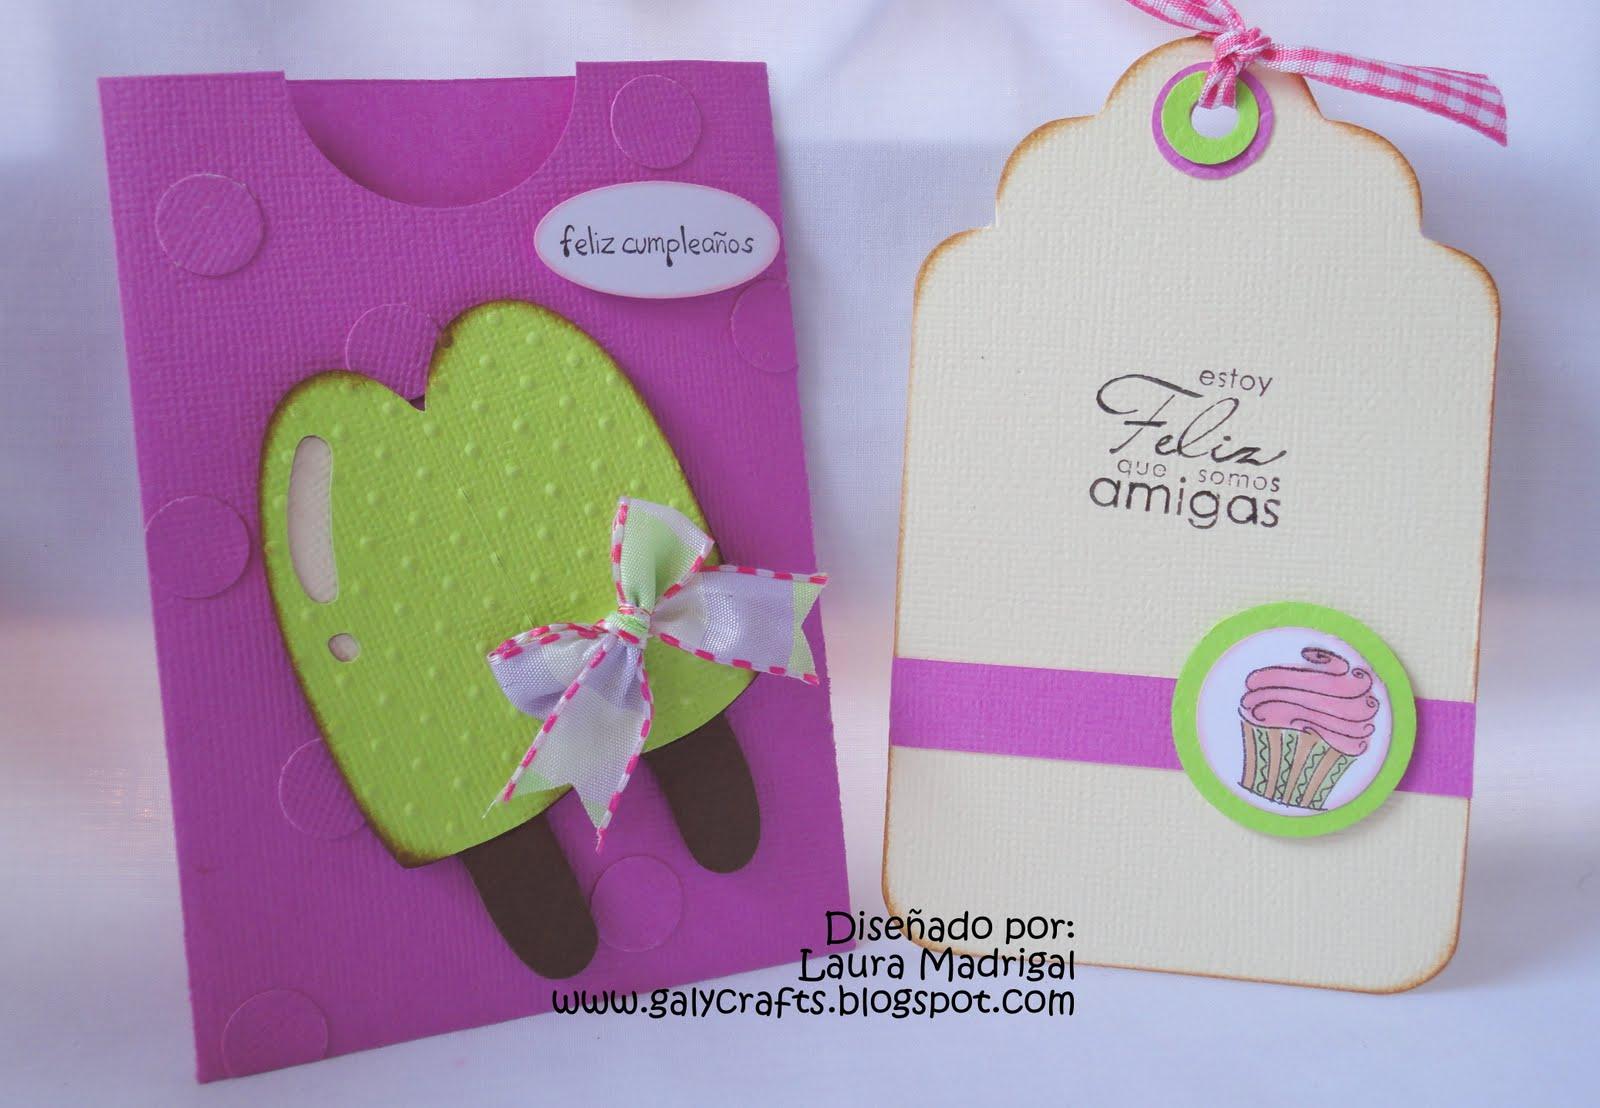 Tarjetas Boutique Galy Crafts Ideas Para Tarjeta De Cumpleanos Y - Ideas-para-tarjetas-de-cumpleaos